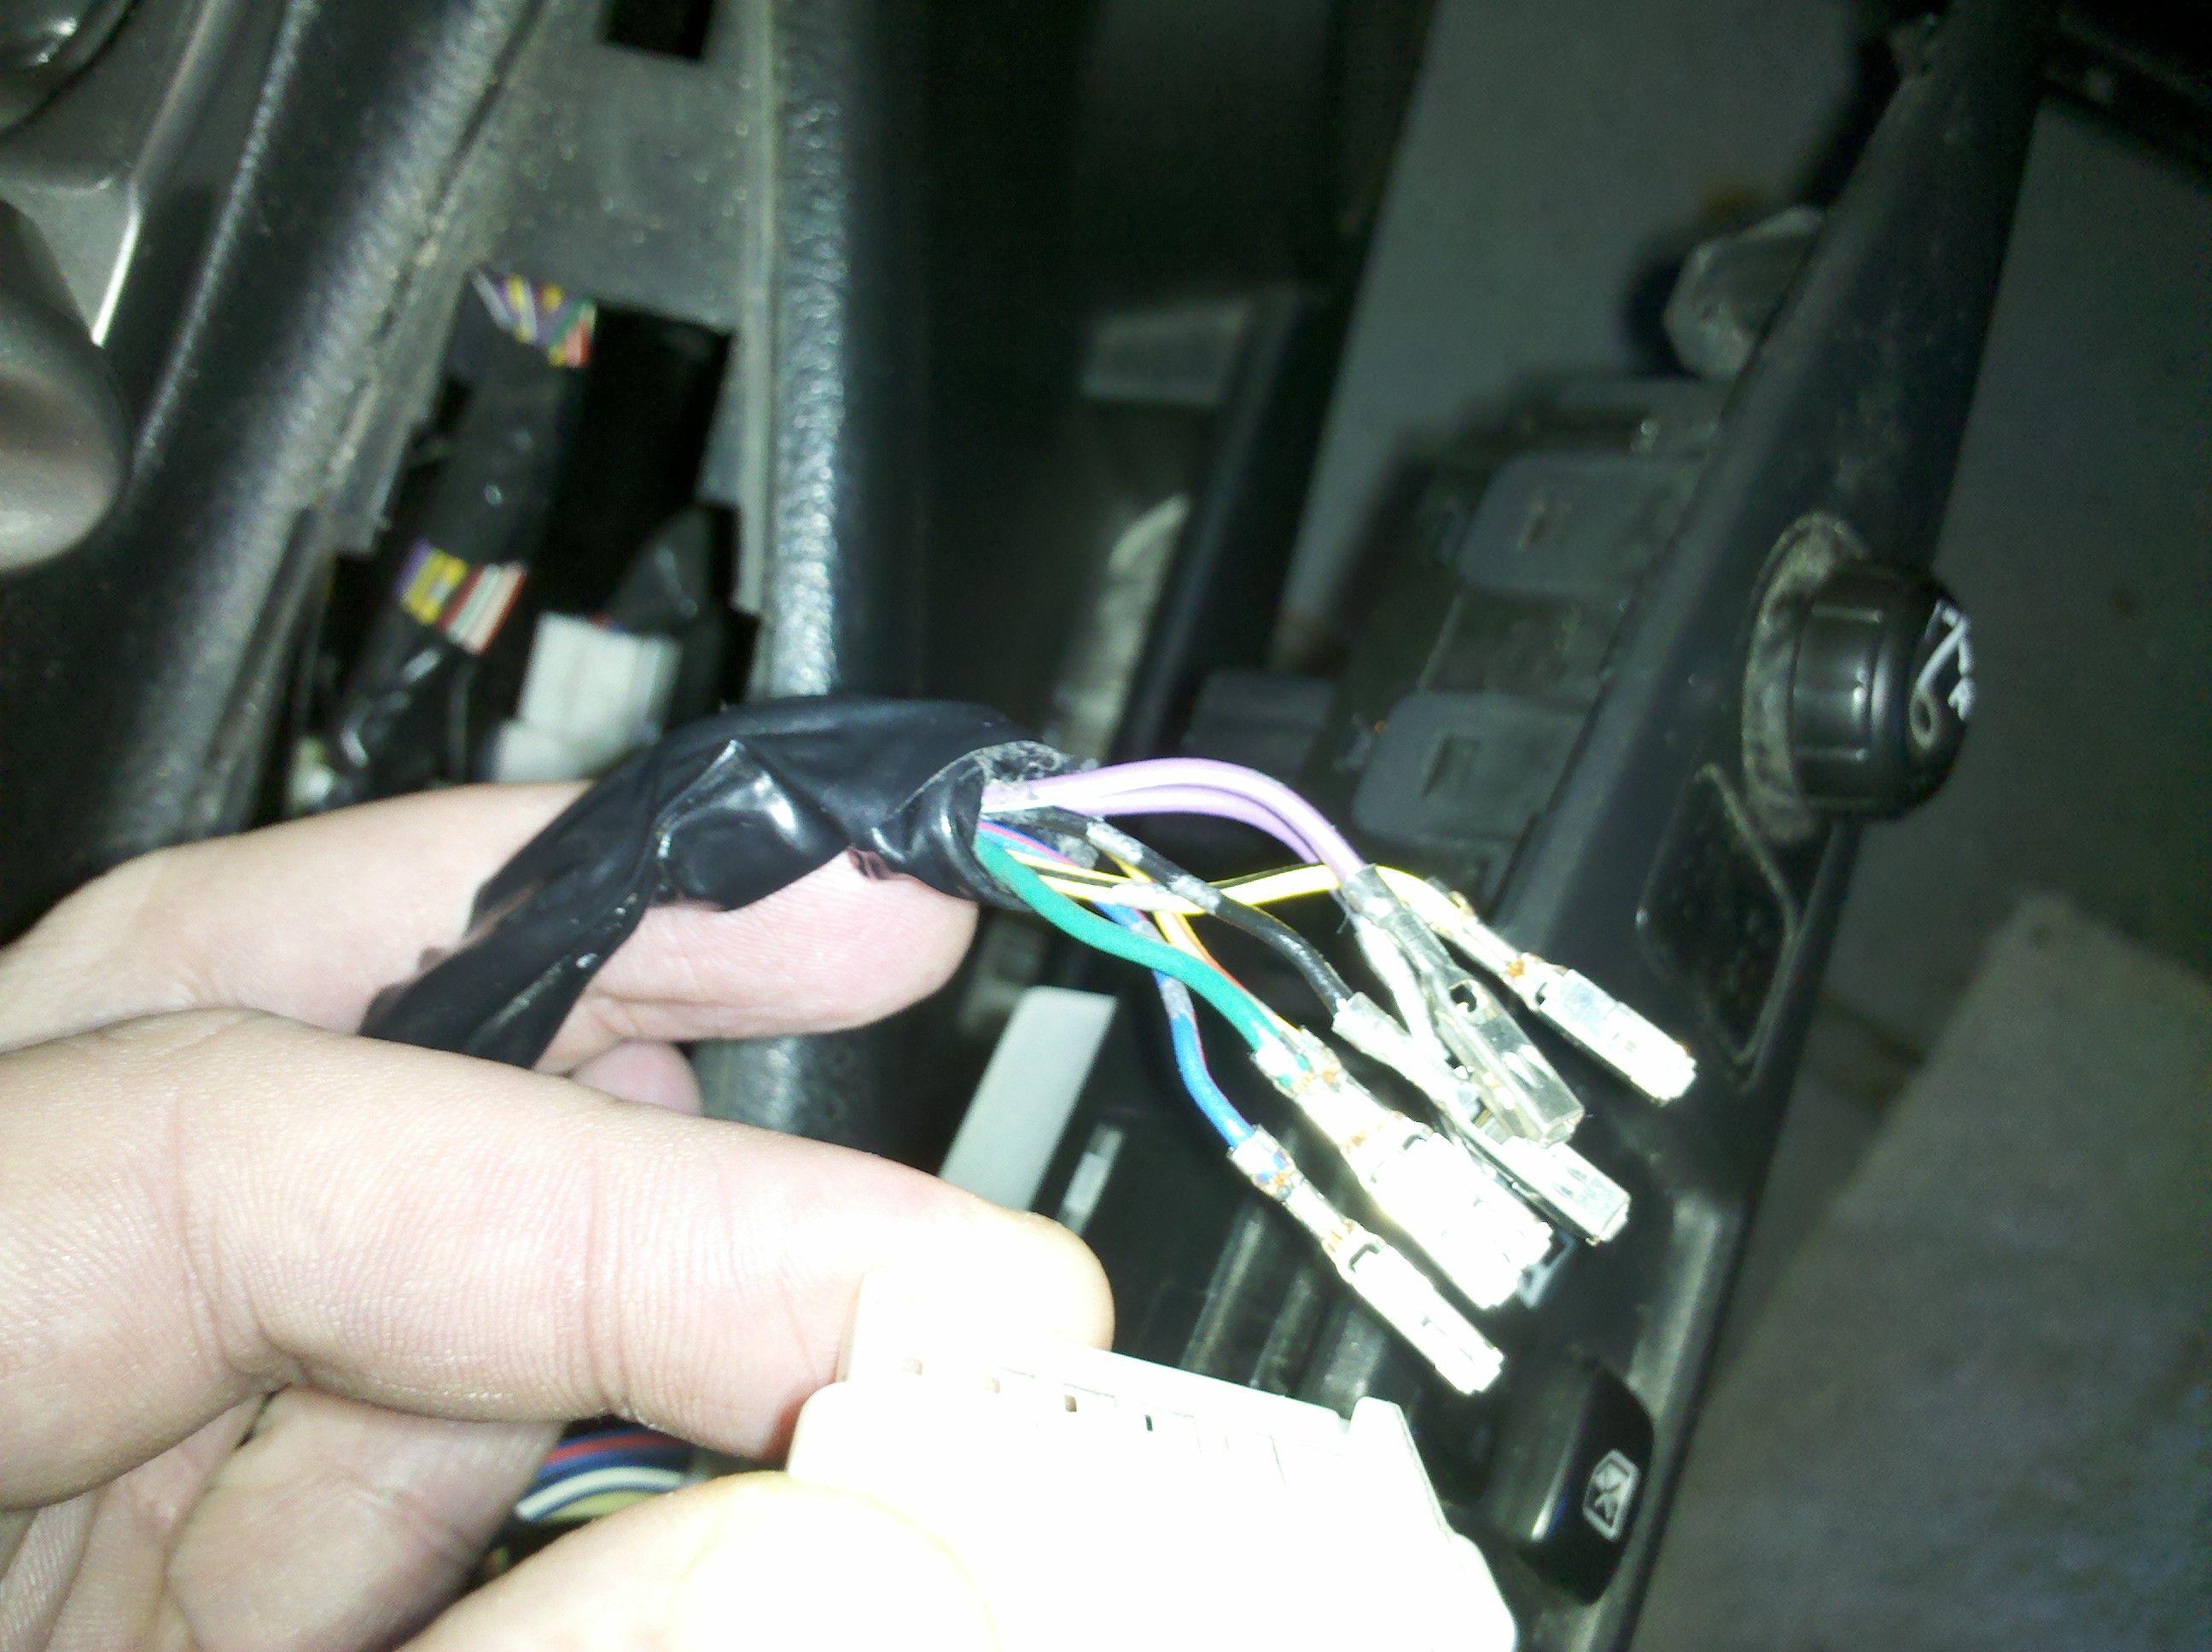 2009 nissan altima power window switch wiring 2000 nissan altima window wiring wiring diagram data  2000 nissan altima window wiring